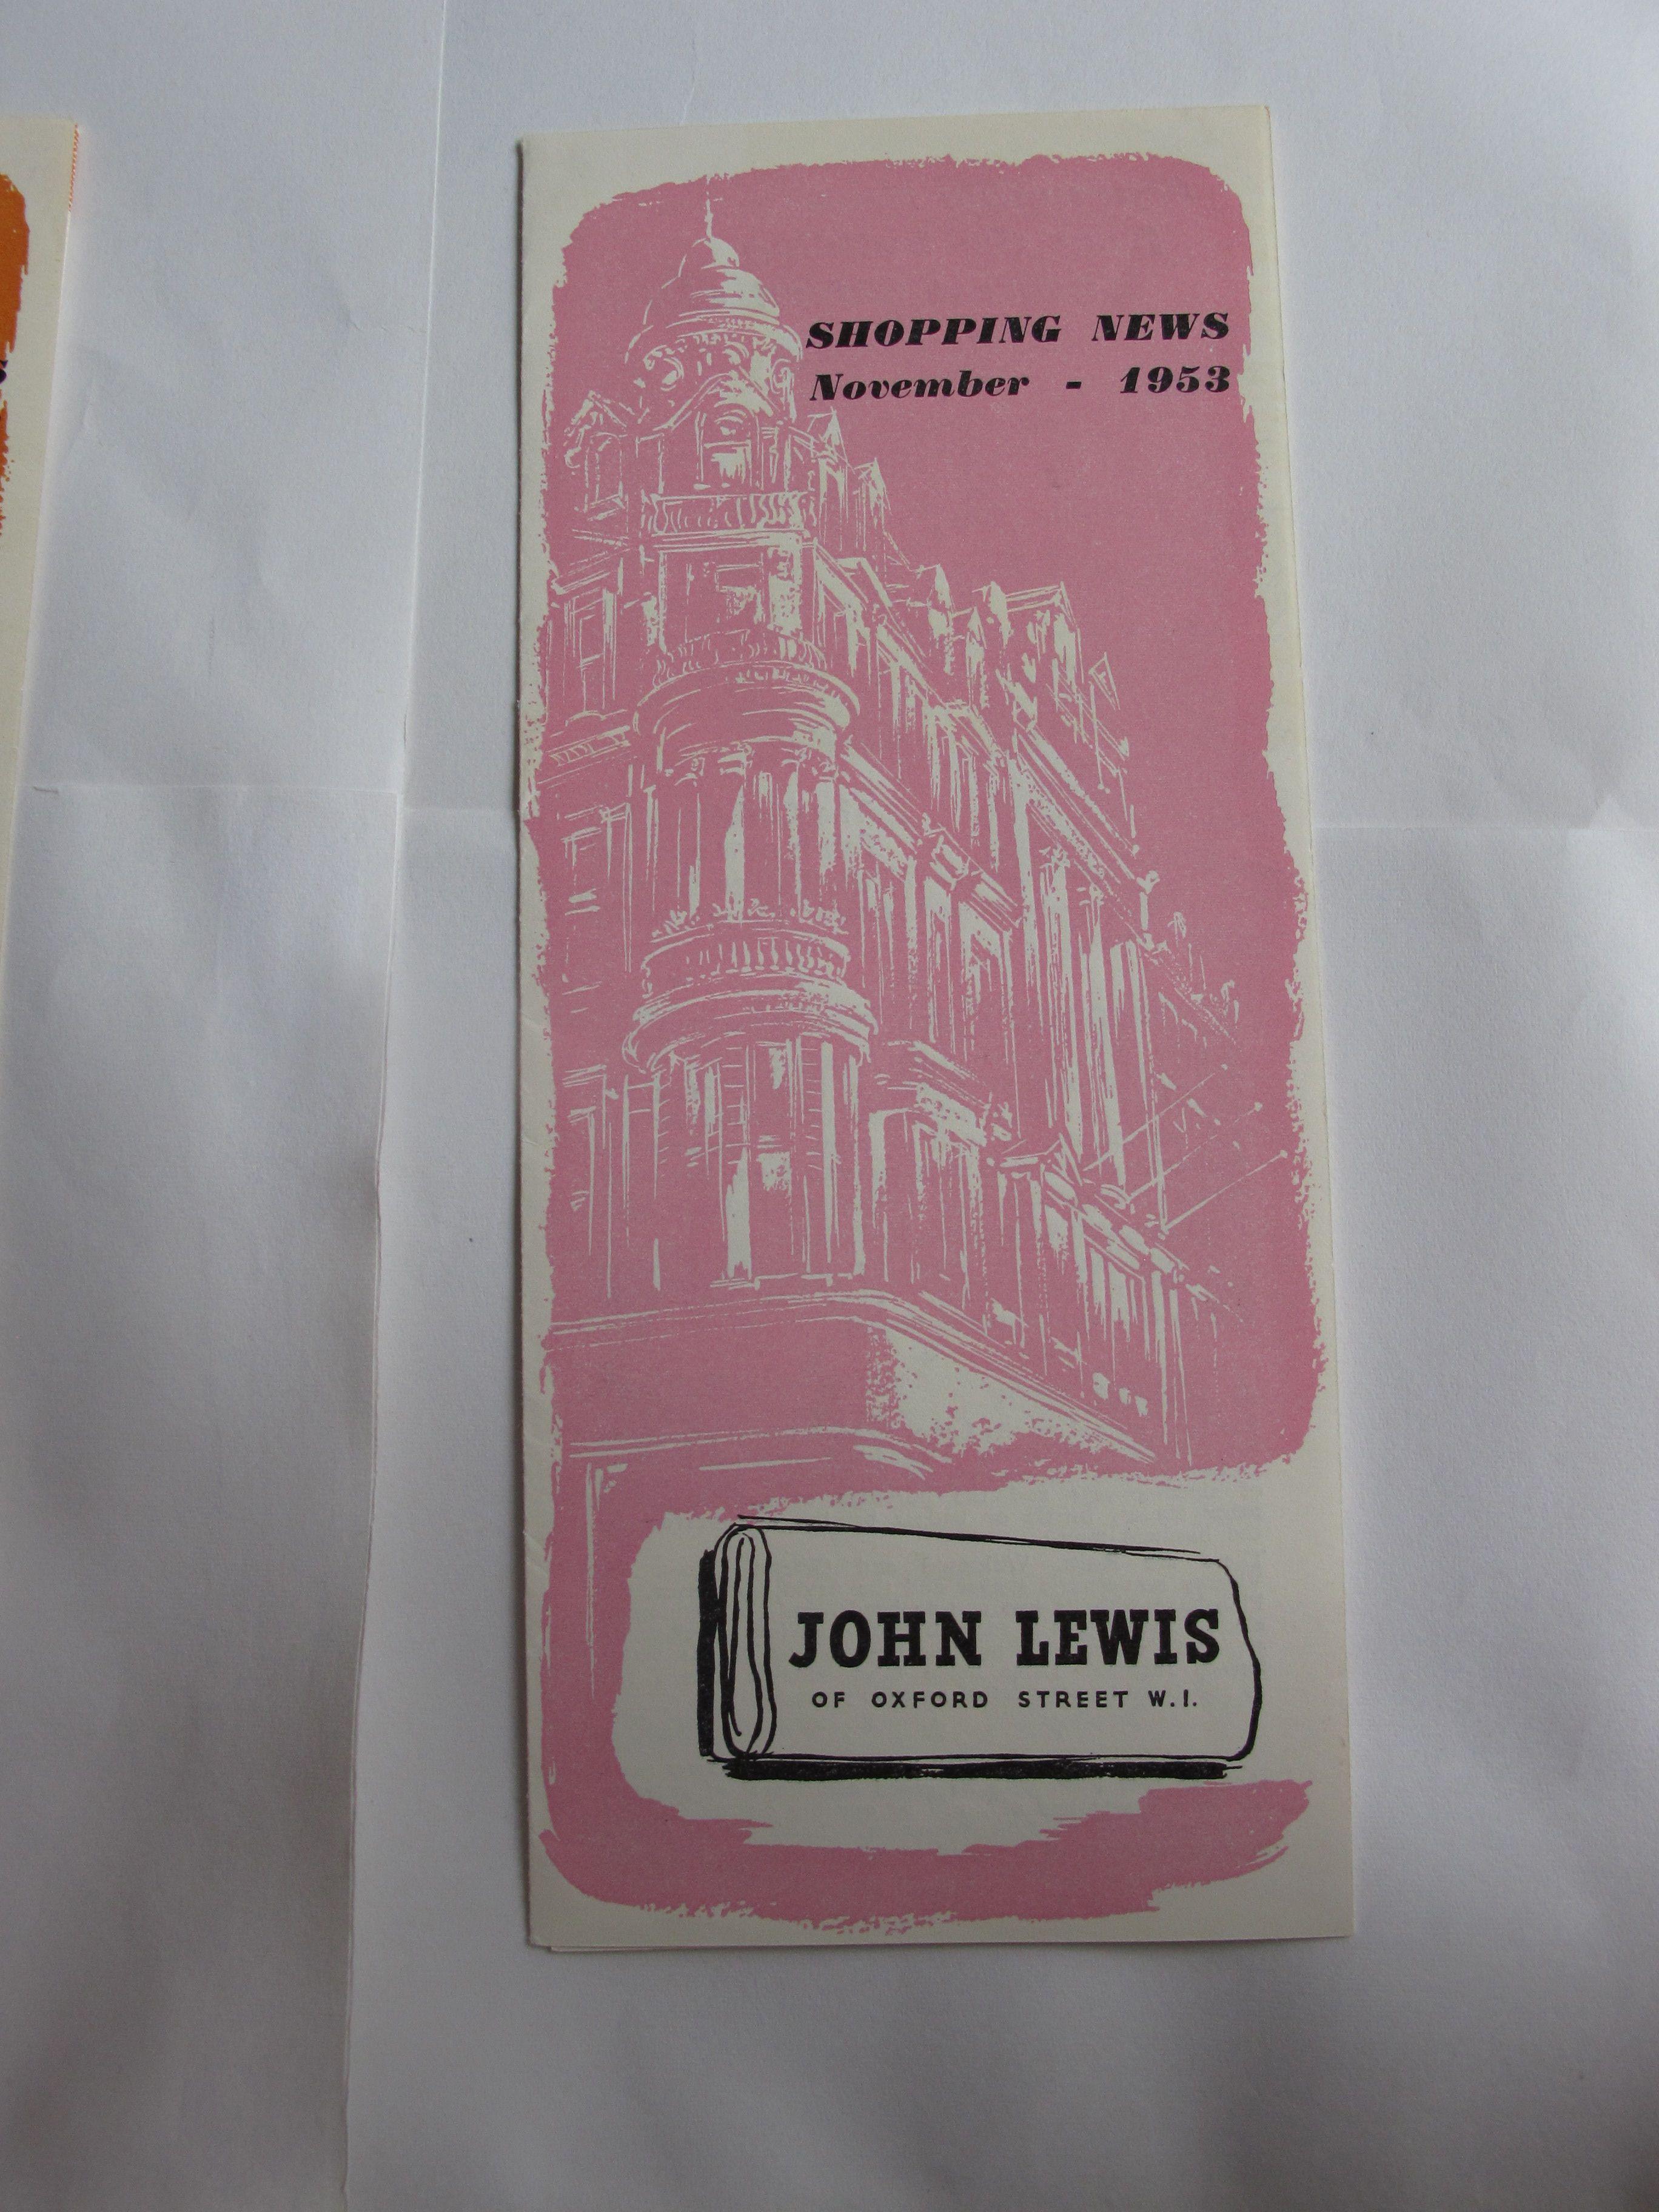 #JL150 #JohnLewis150